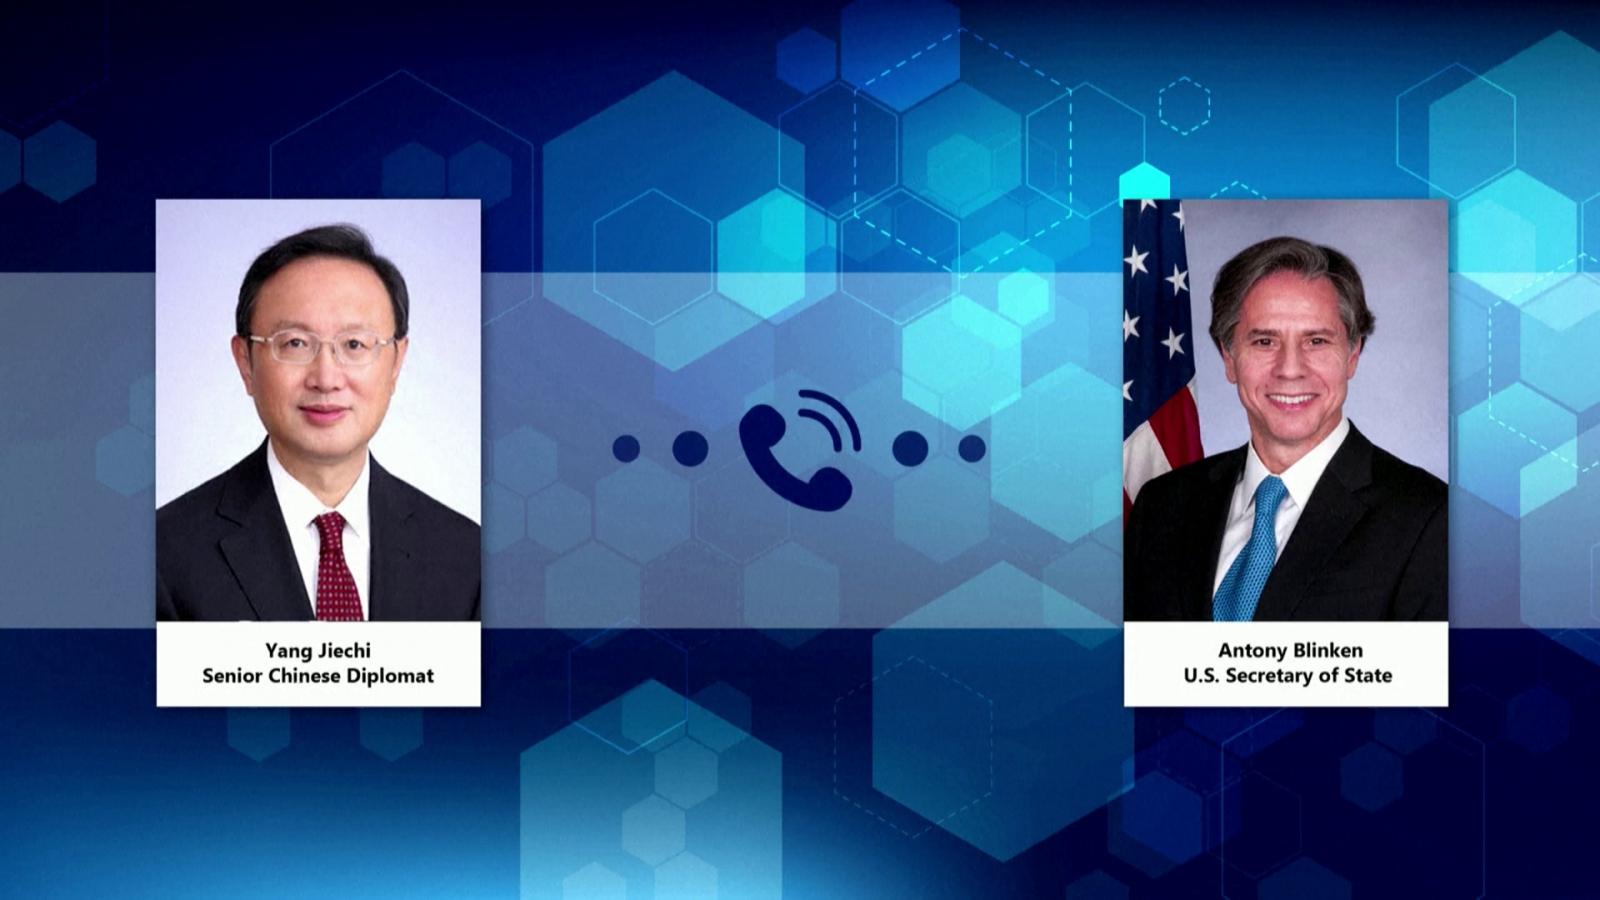 Trung Quốc và Mỹ trao đổi về vấn đề Đài Loan và nguồn gốc Covid-19